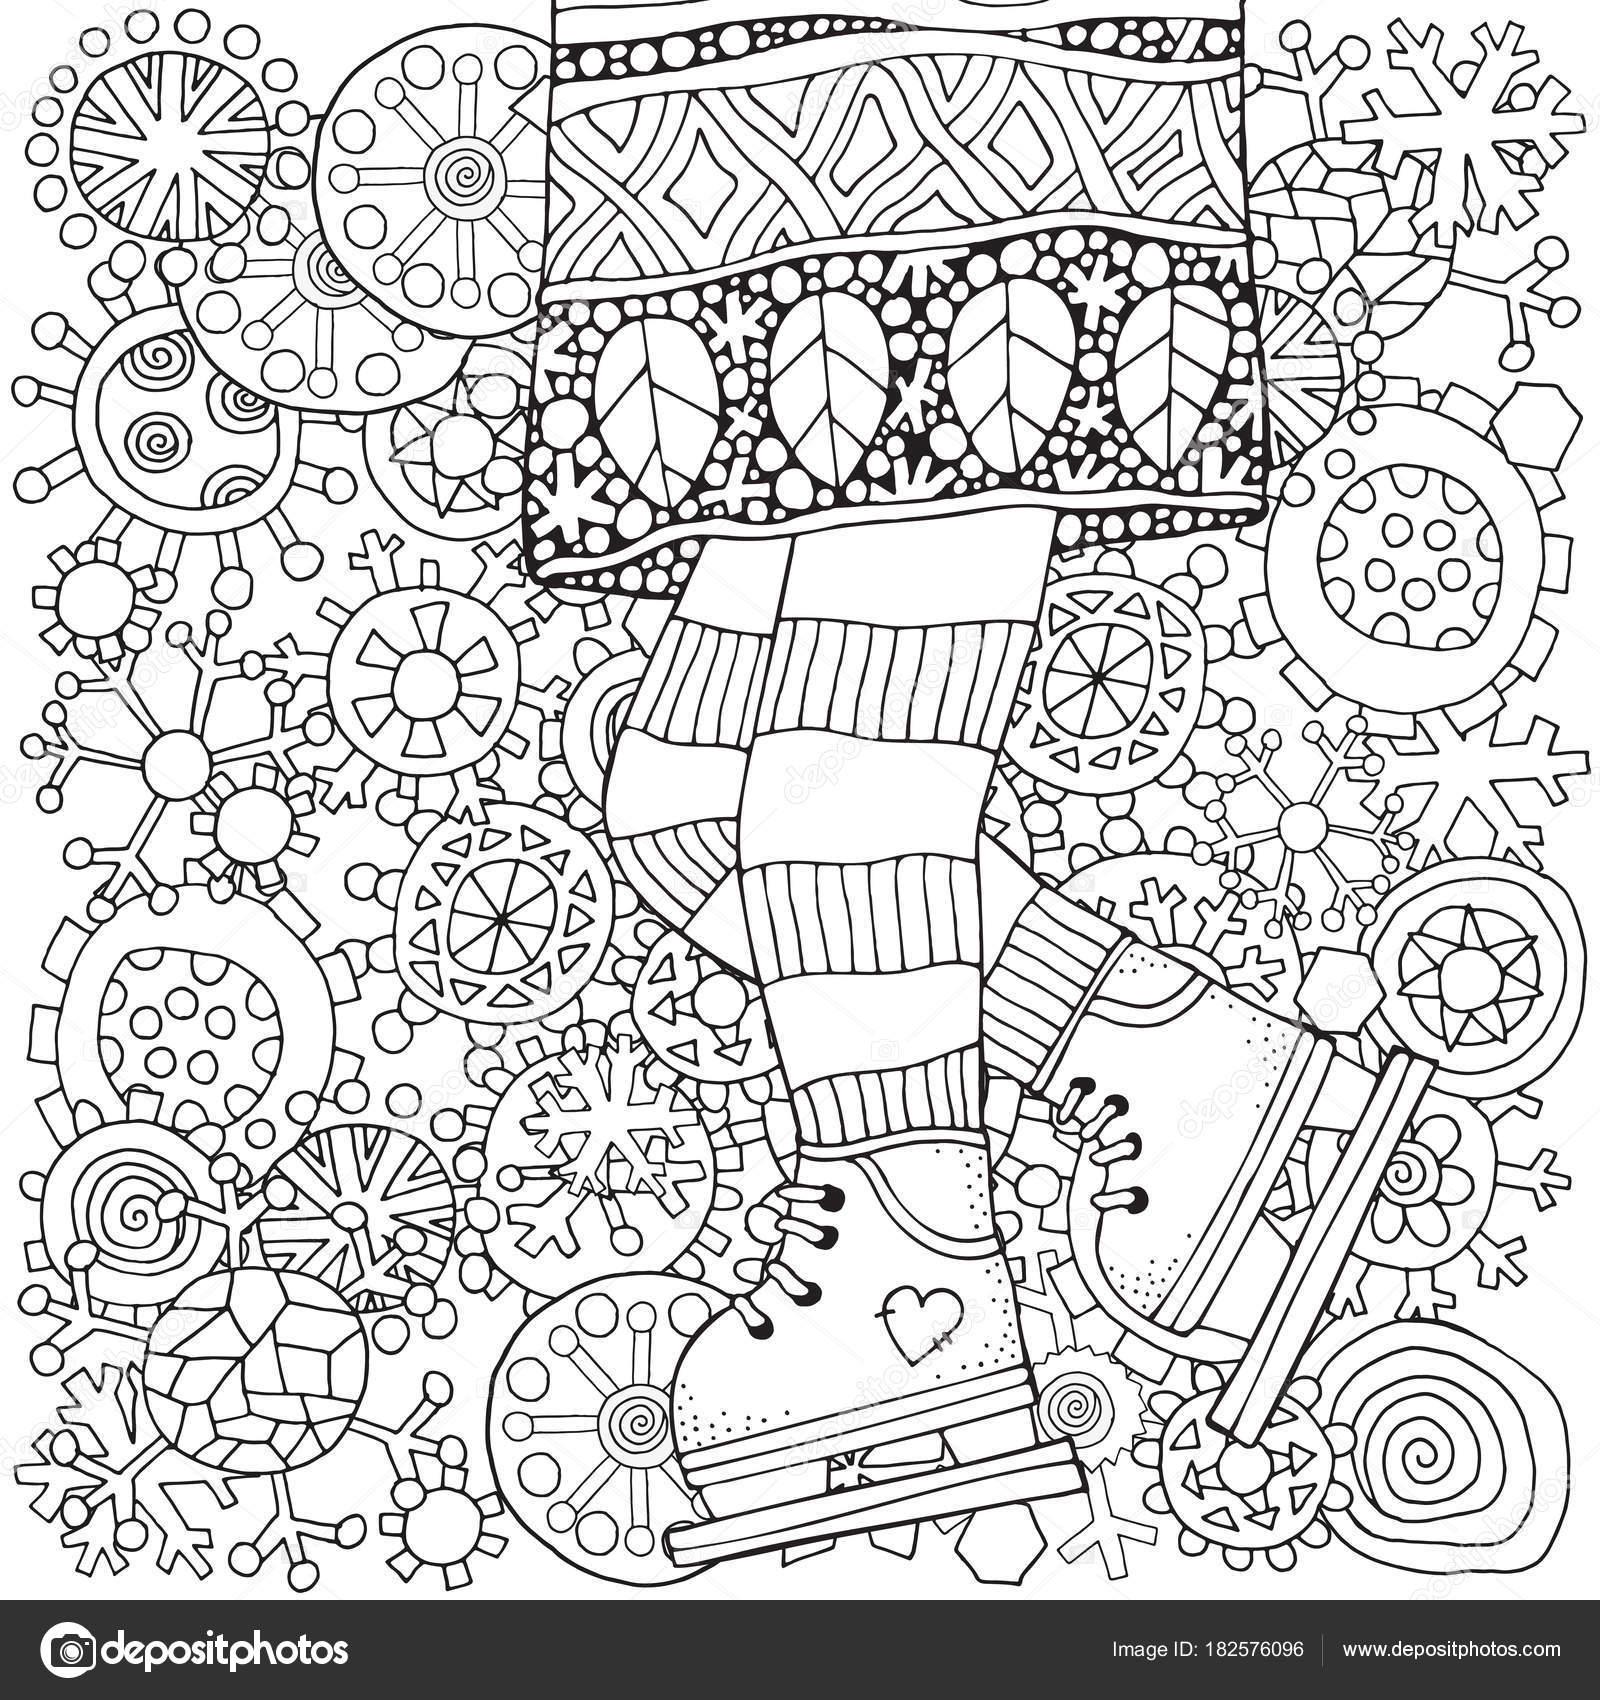 冬のスケート靴をはいた女の子 冬の雪 大人ぬりえ本 ベクターの手描き